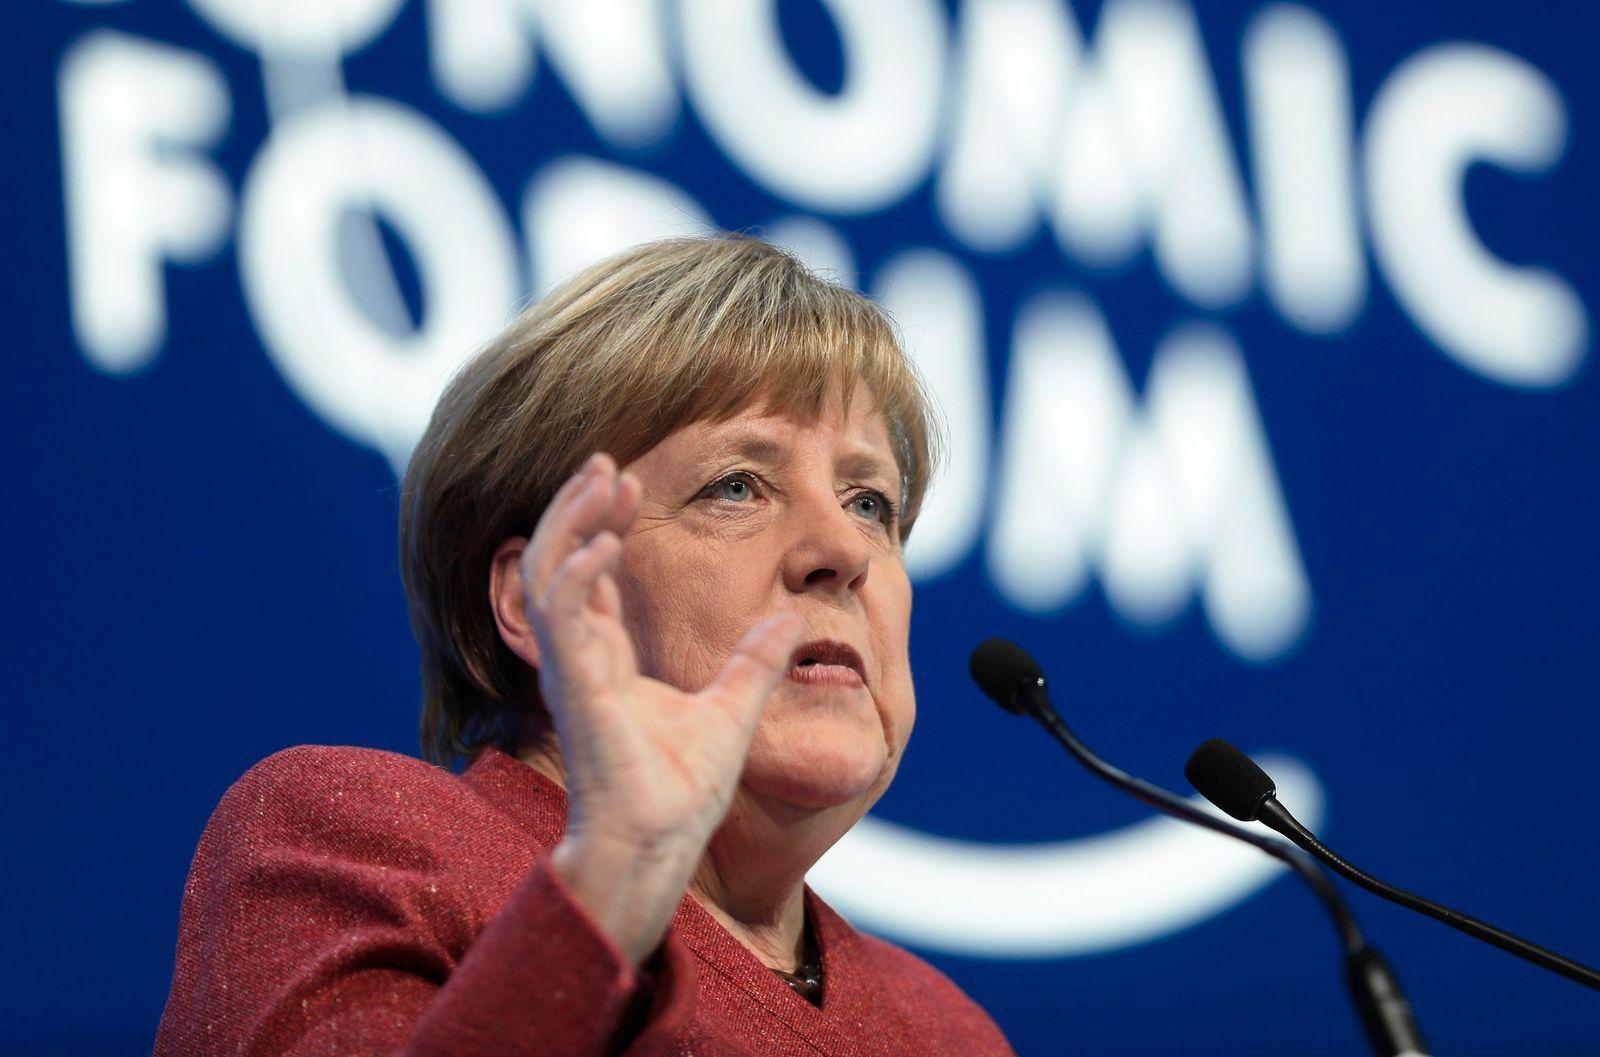 Davos / Merkel / WEF